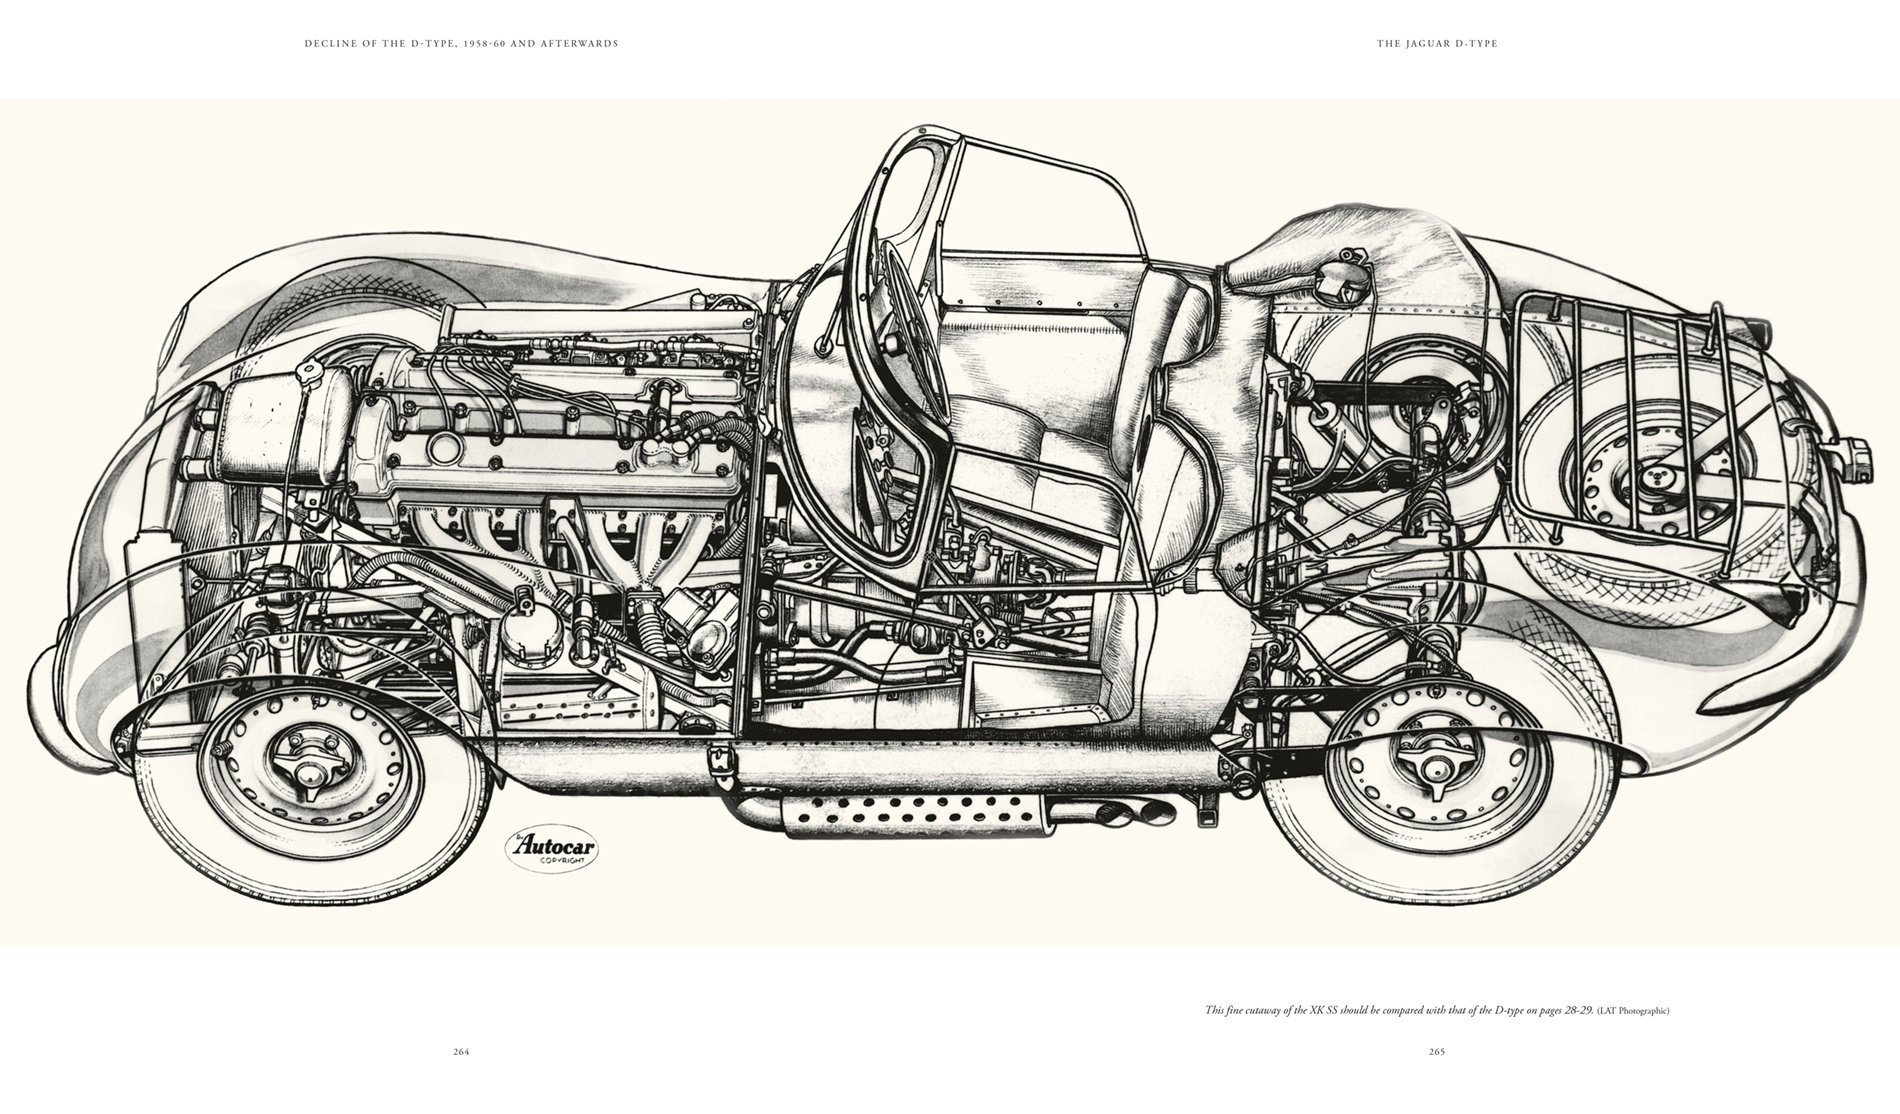 The Jaguar D-Type